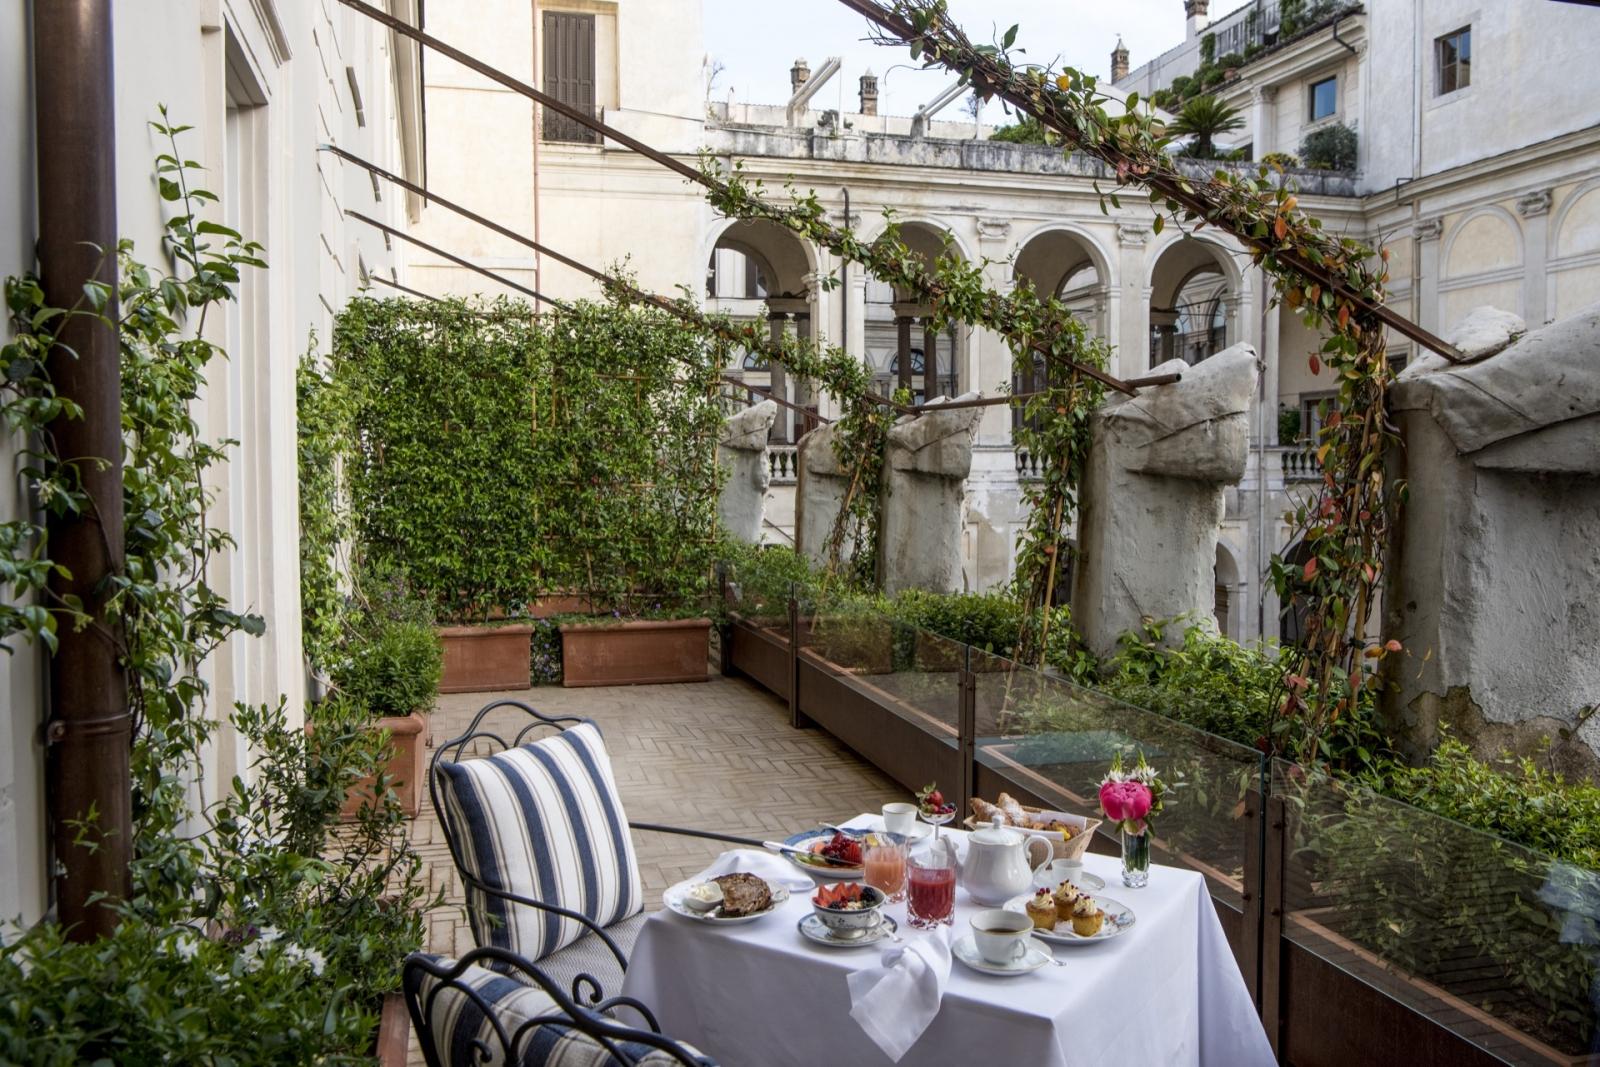 Vilòn Luxury Hotel, luna de miel en Roma, hoteles para luna de miel en Roma - Wedding Hub - 01